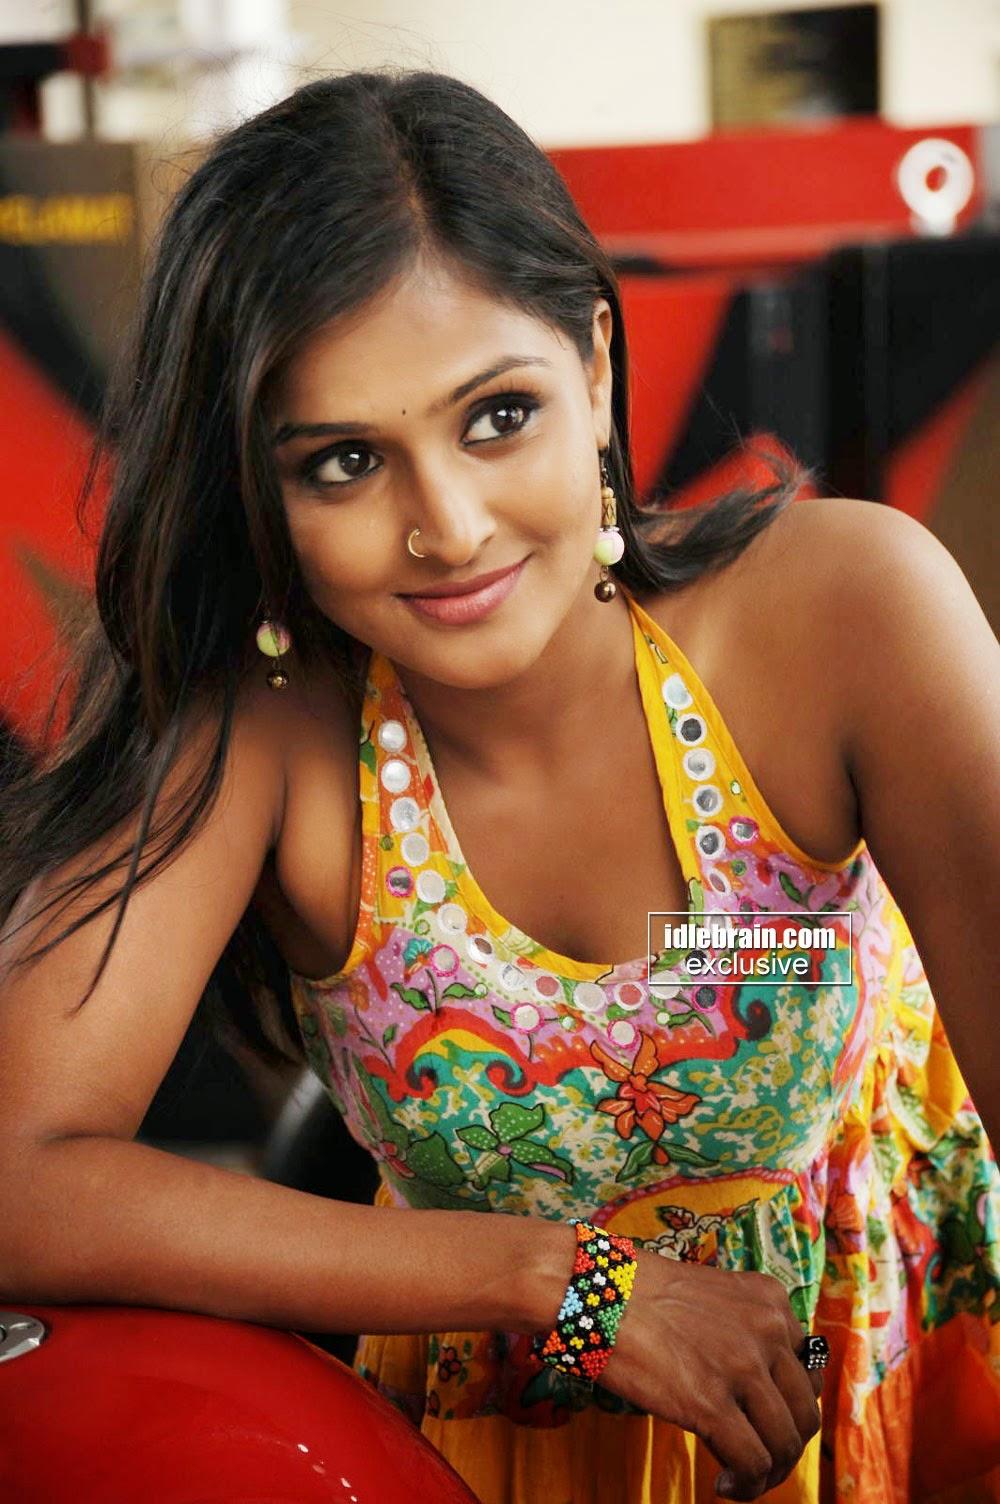 Sexy Padam Malayalam Padam